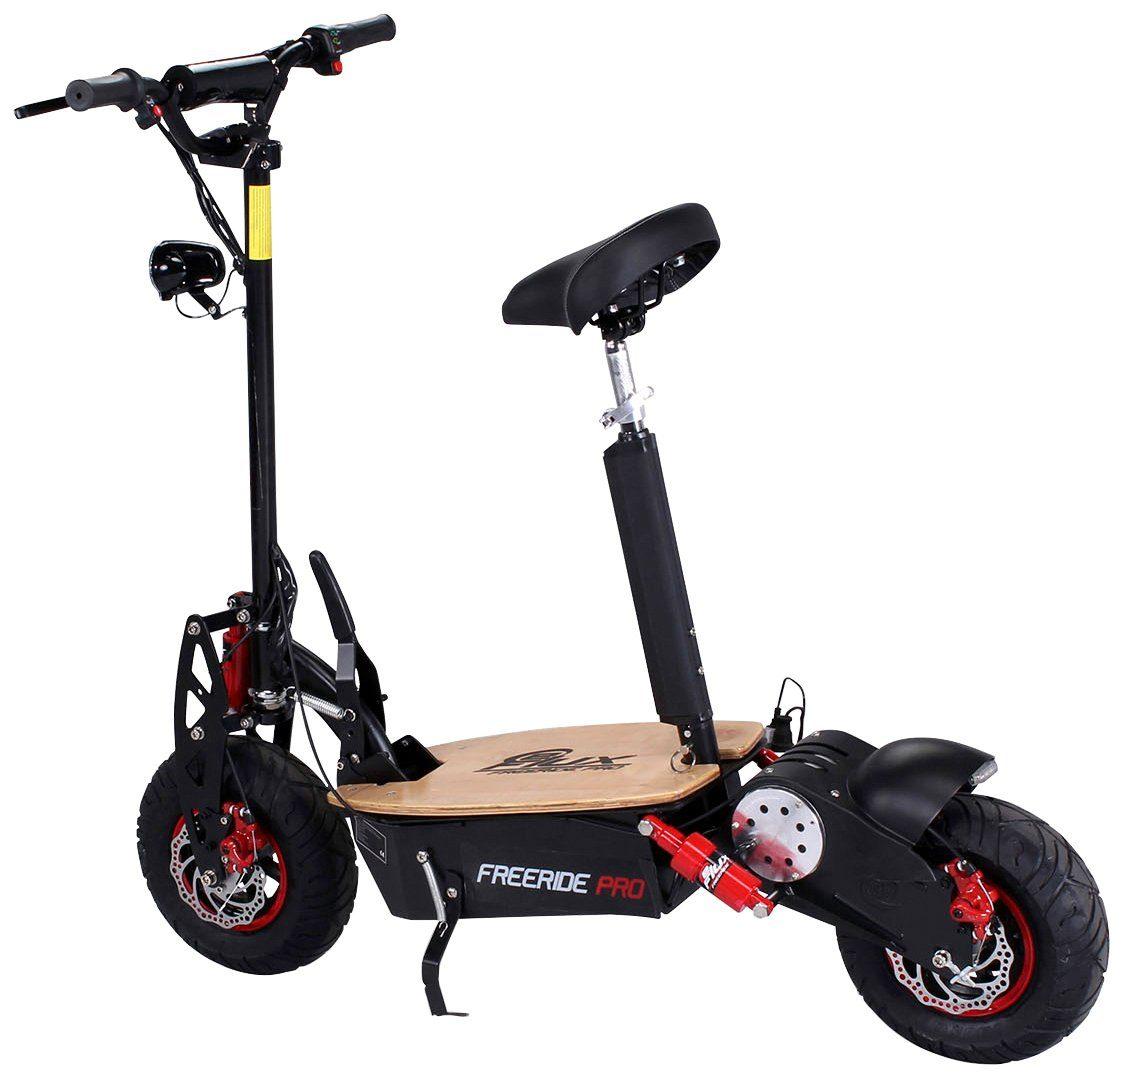 Eflux Elektroscooter »Freeride PRO«, 1600 Watt, 50 km/h